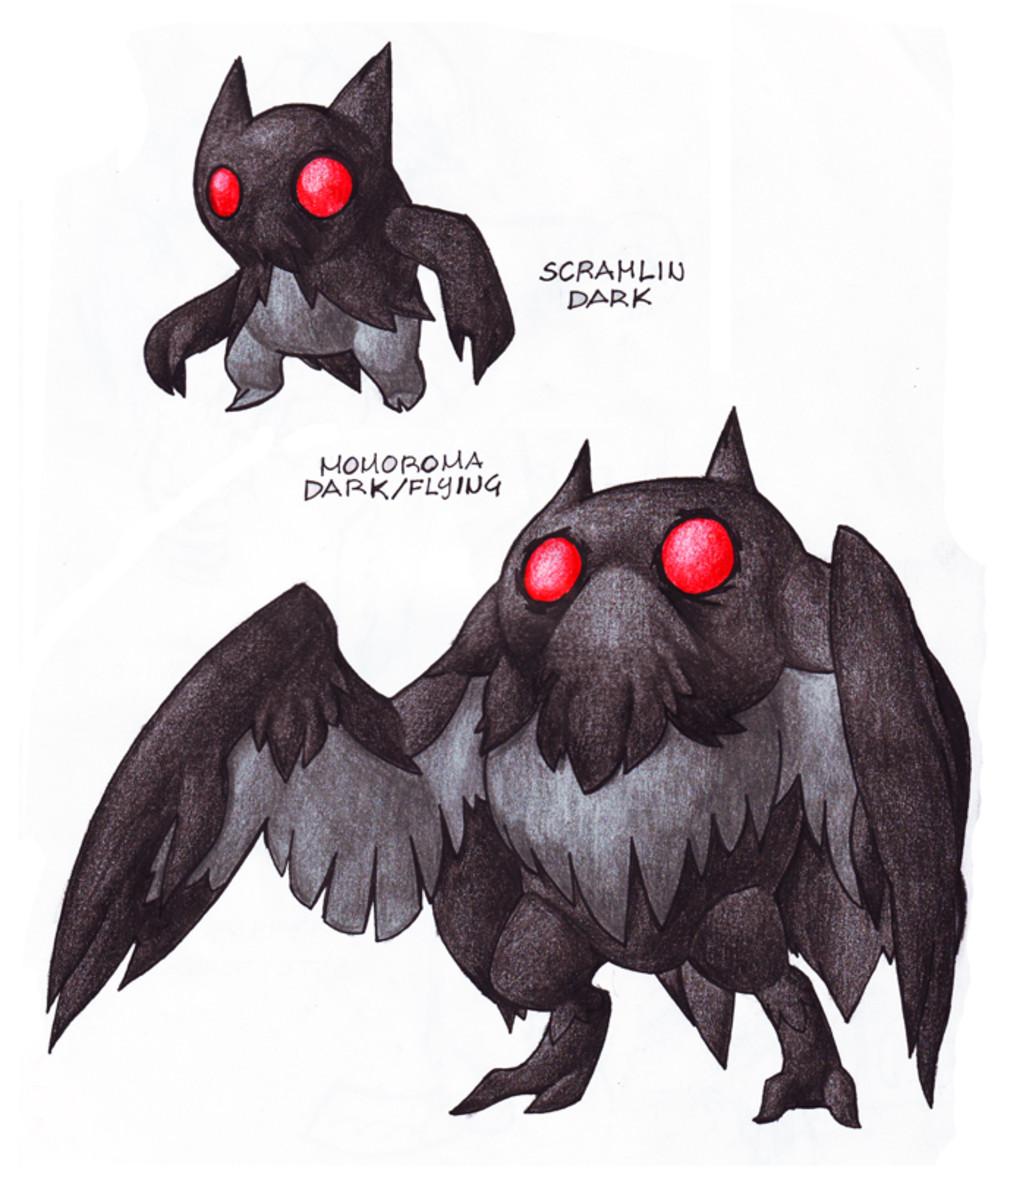 mothman-alien-or-bizarre-prophet-who-is-indrid-cold